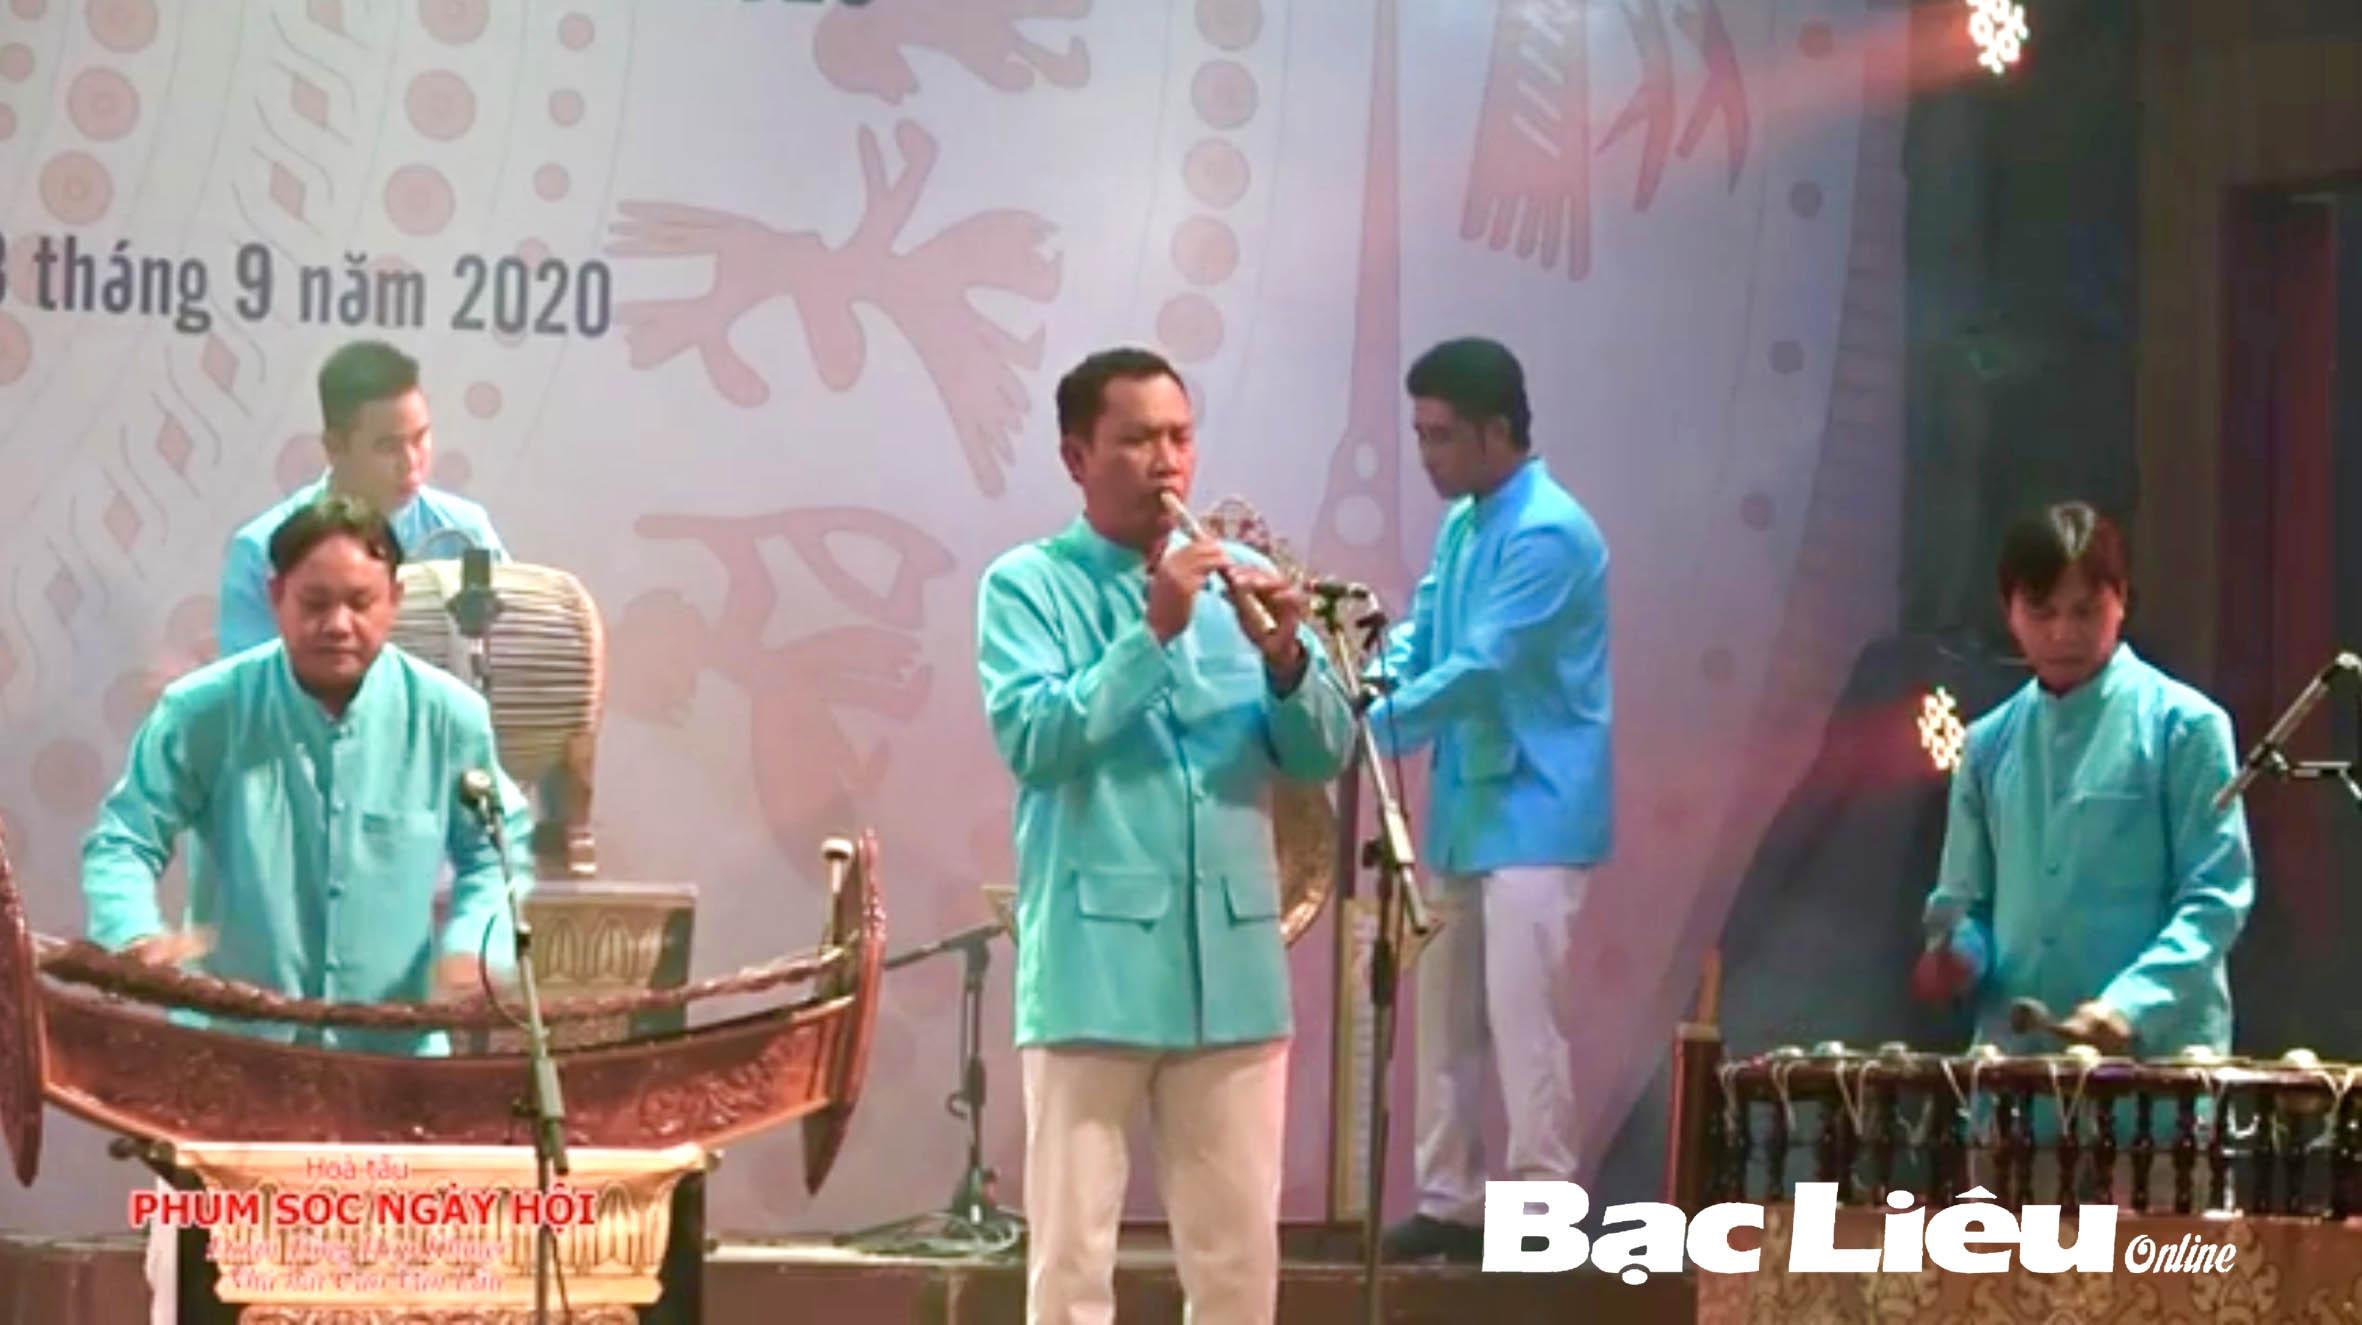 Cần cơ chế đãi ngộ cho nhân tài hoạt động văn hóa - nghệ thuật Khmer